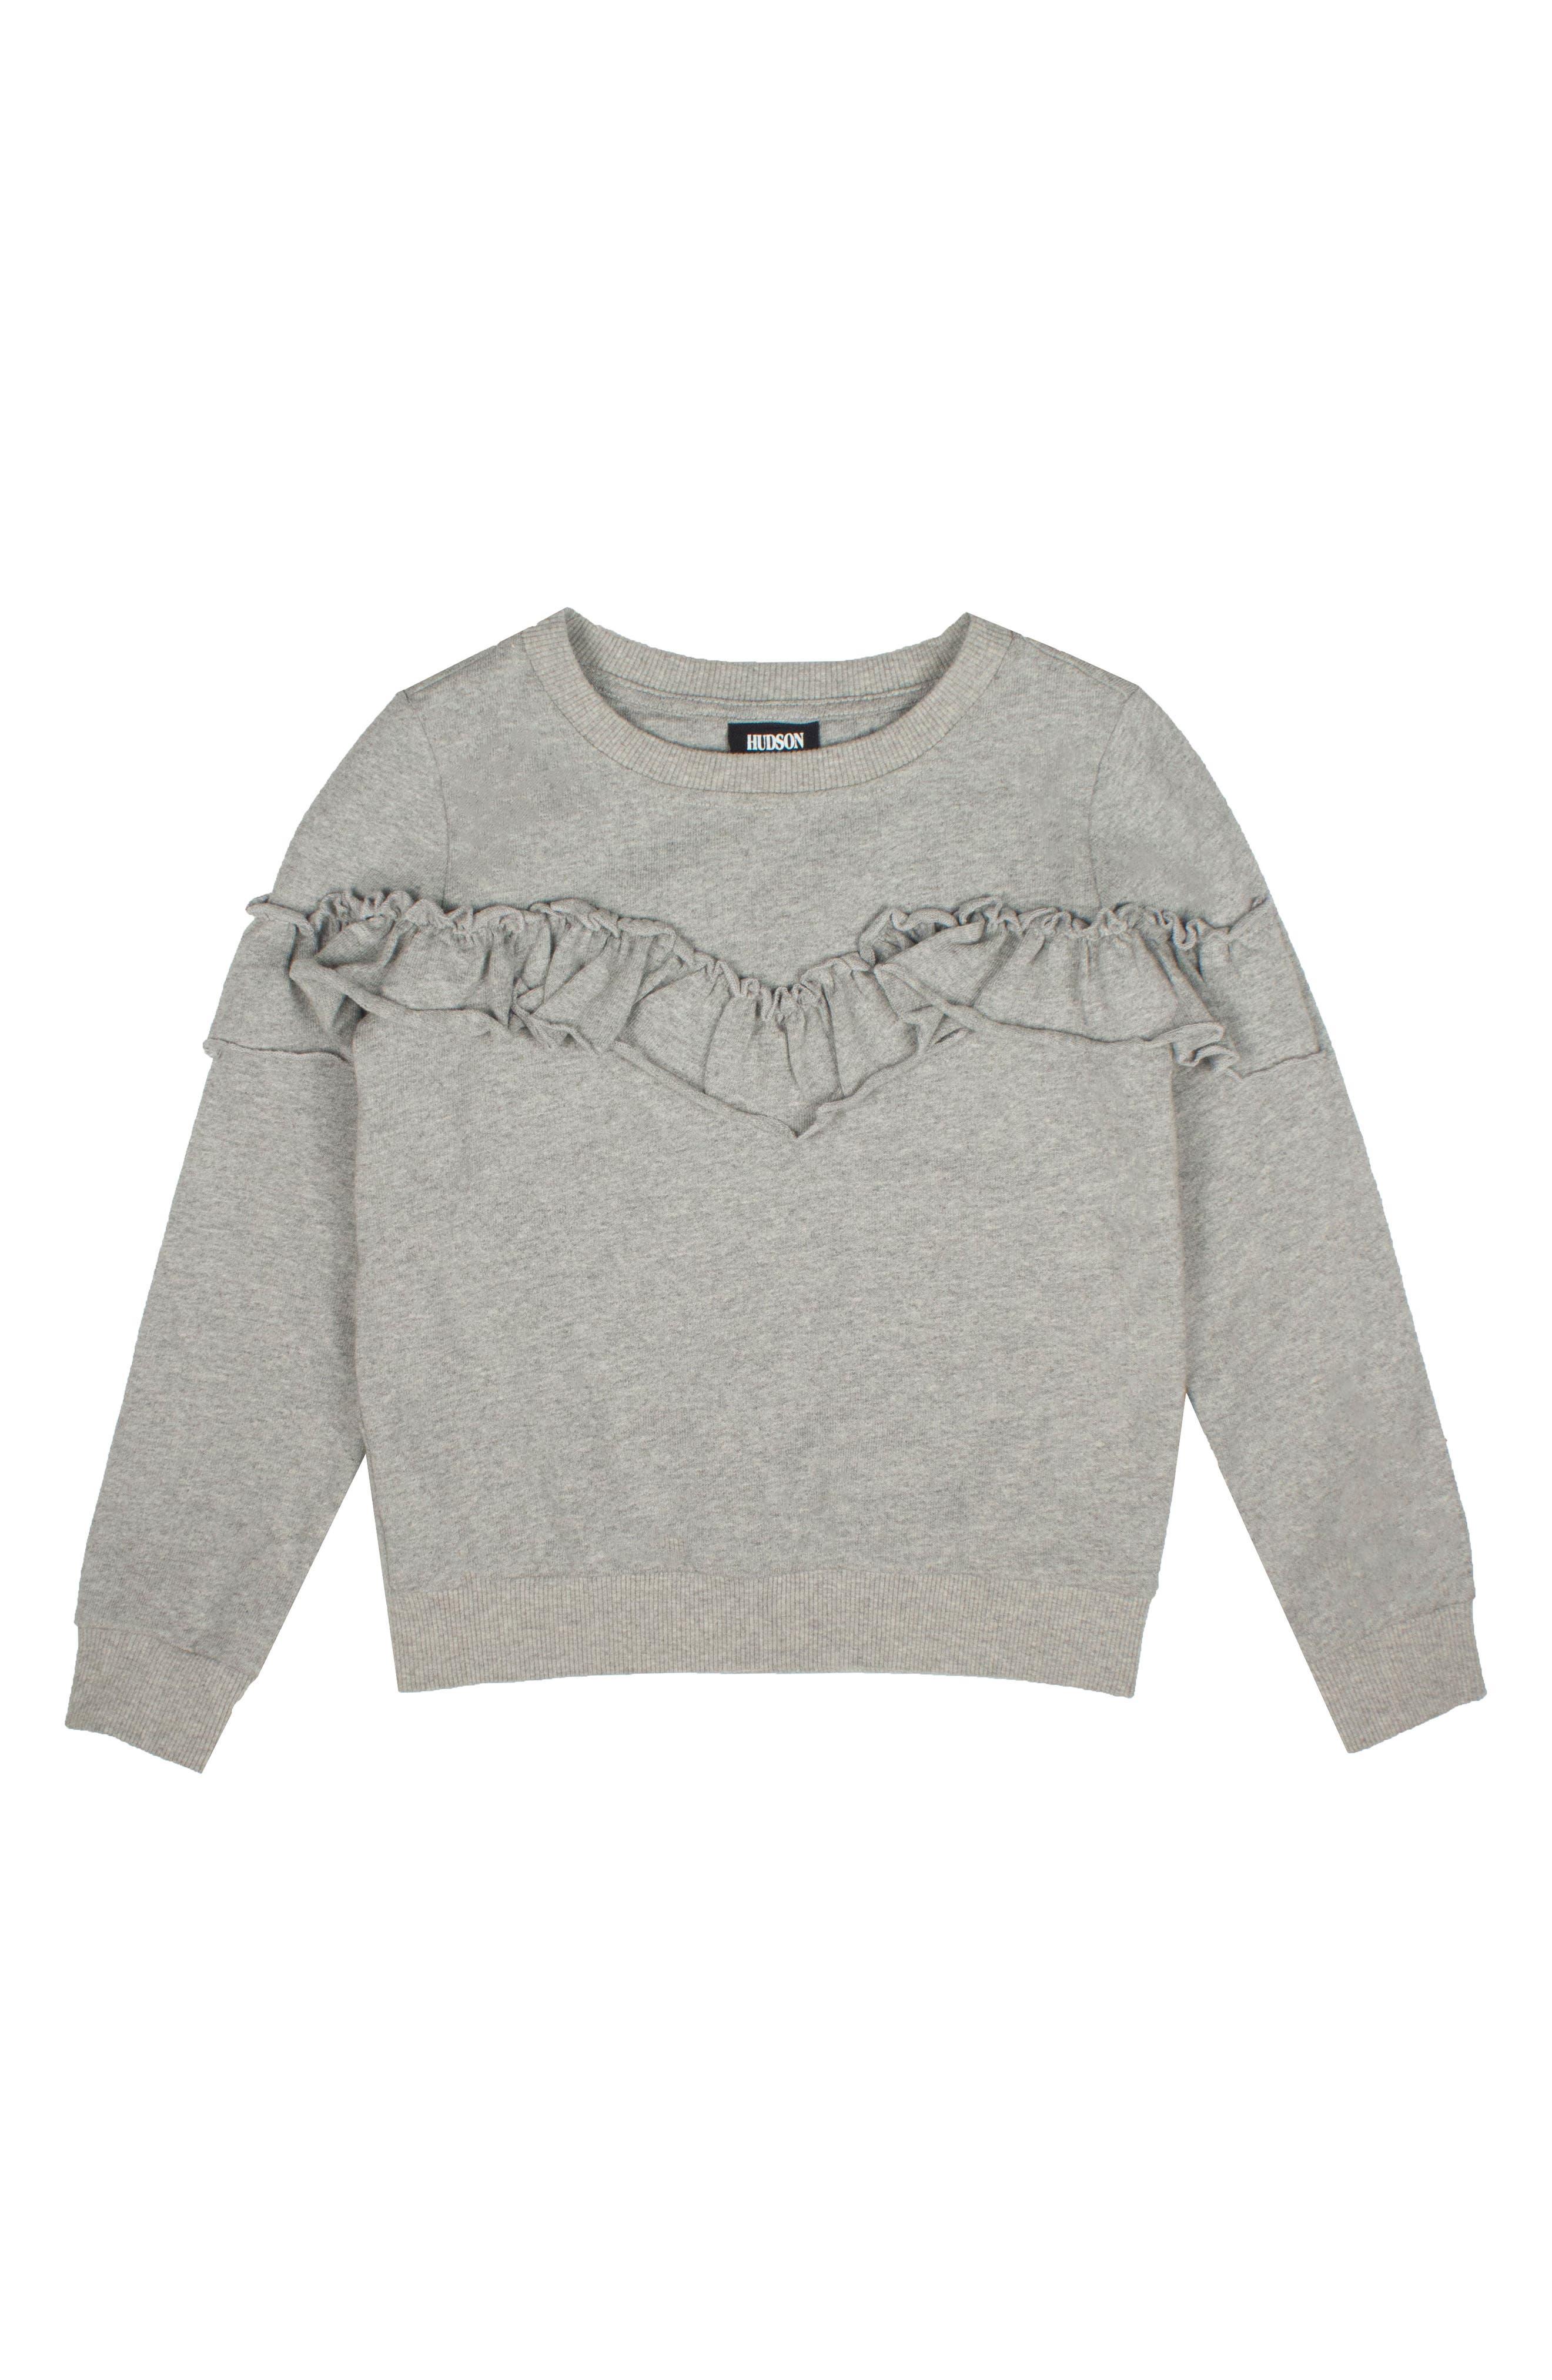 Hudson Kids Ruffle Sweatshirt (Baby Girls)